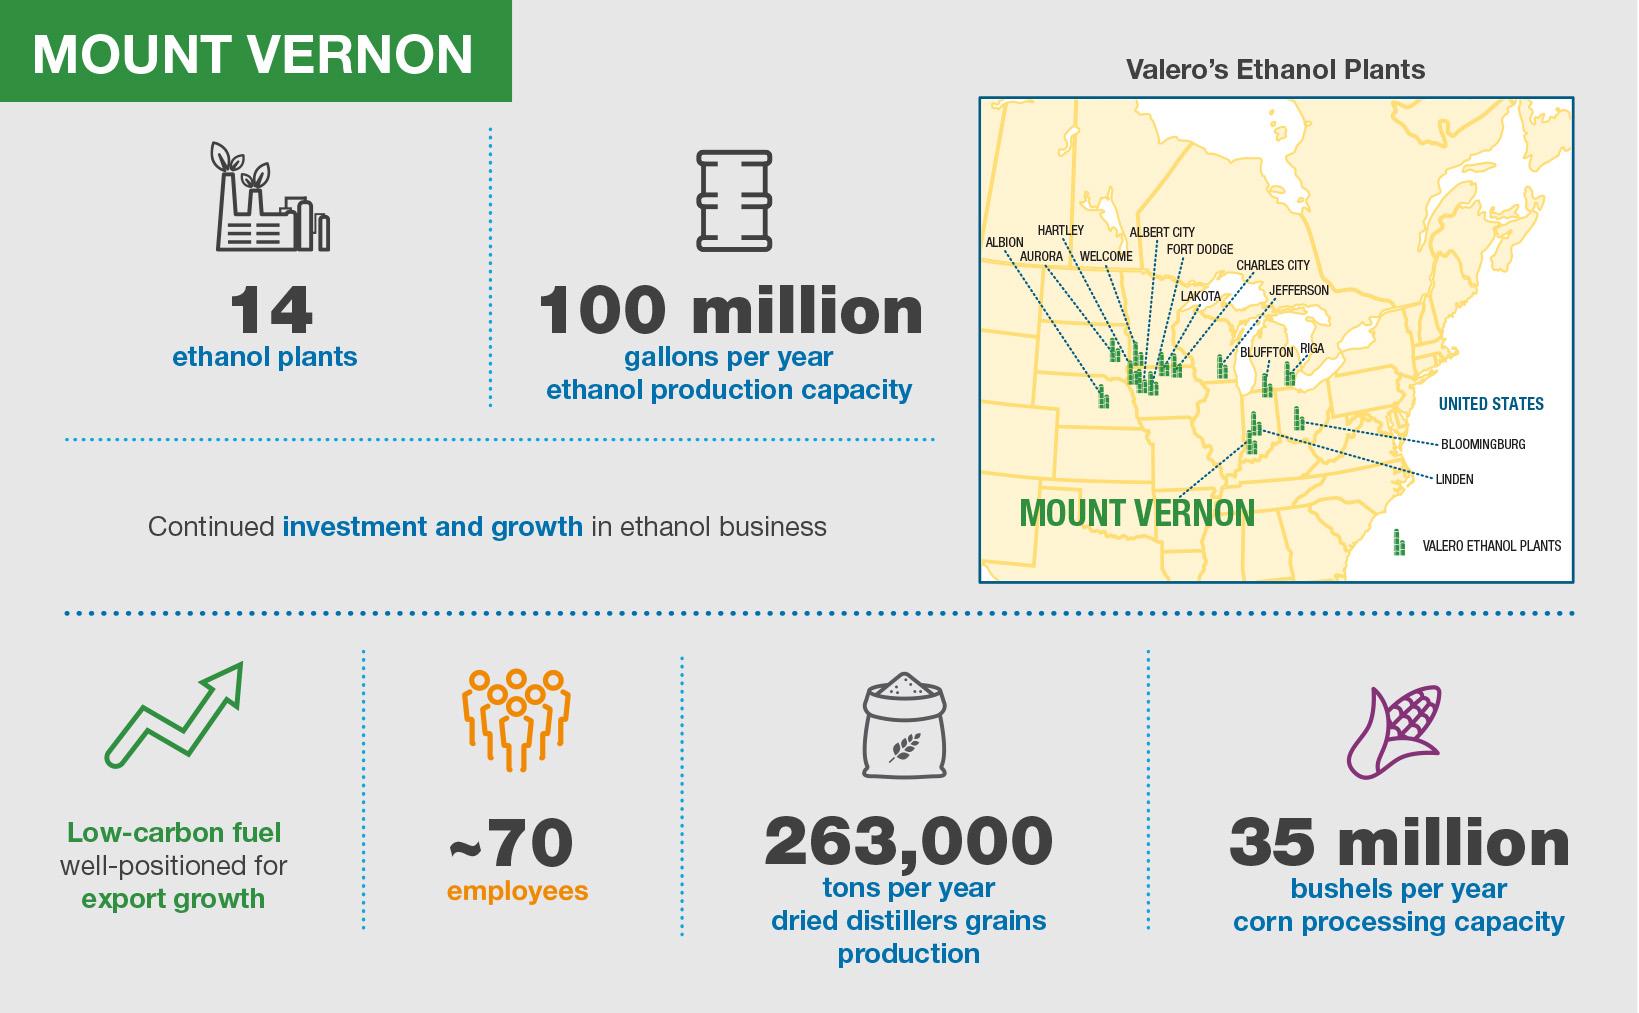 Valero Mount Vernon Ethanol Plant Infographic